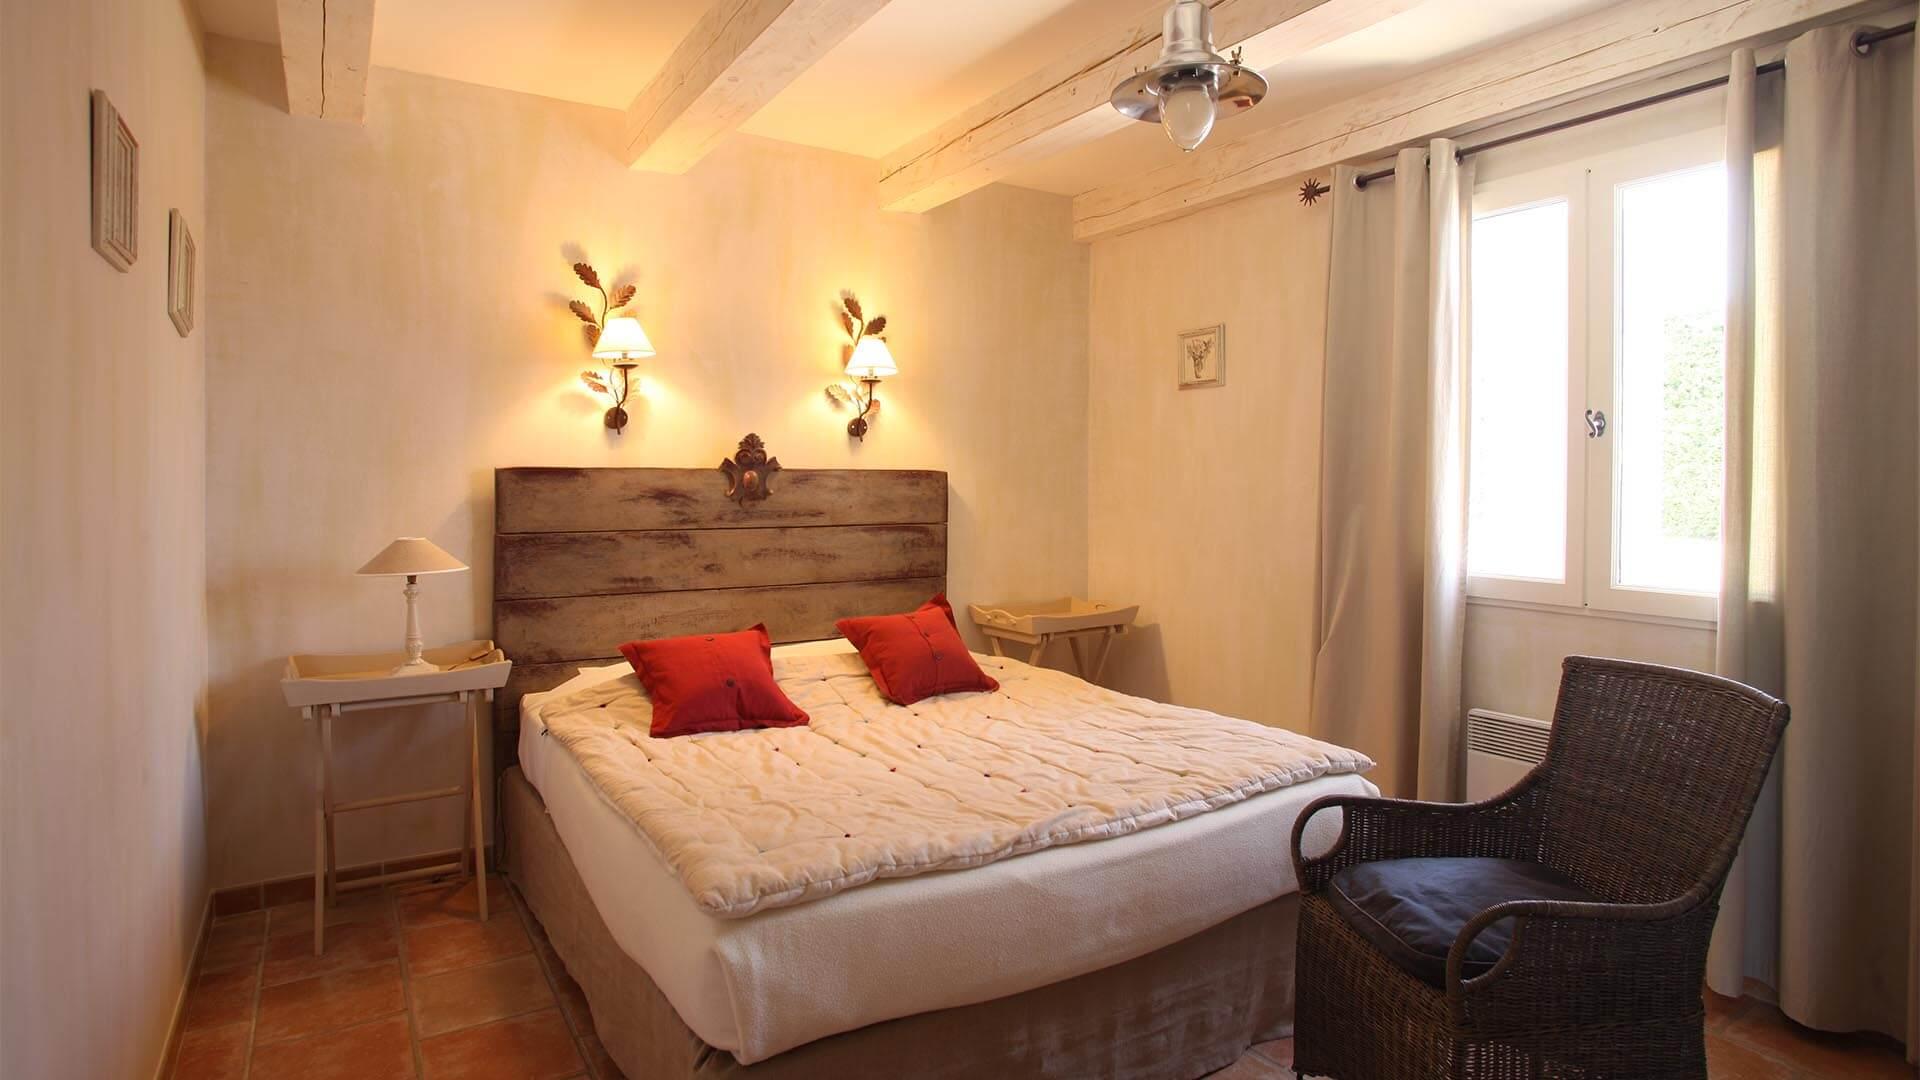 Location villa de vacances Provence-Alpes-Côte d'Azur | Villa les tournesols | Chambre lit double